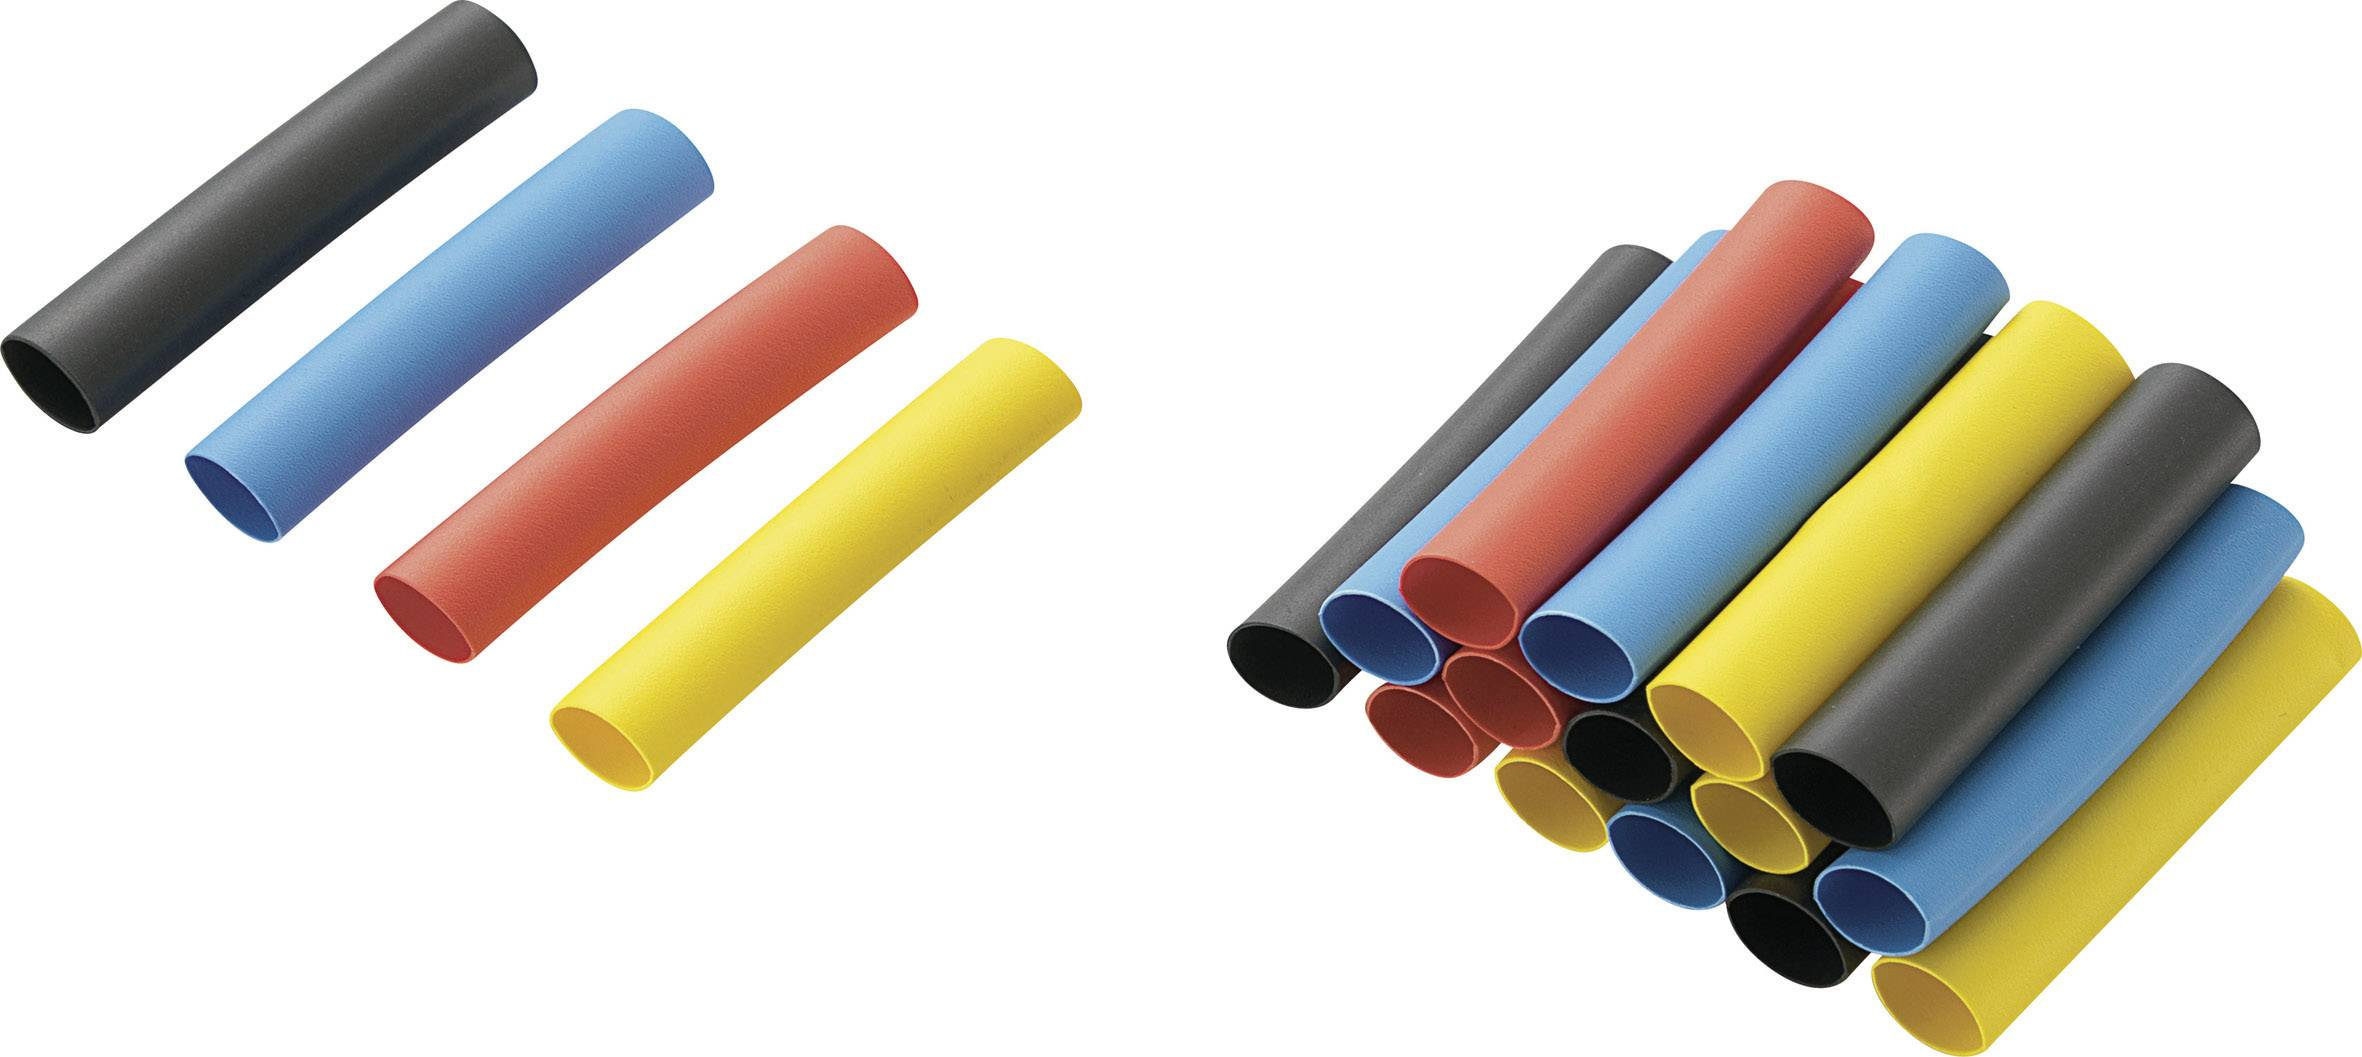 Náhradní kusy pro sadu smršťovacích bužírek, 6,4 x 40 mm, 20 ks